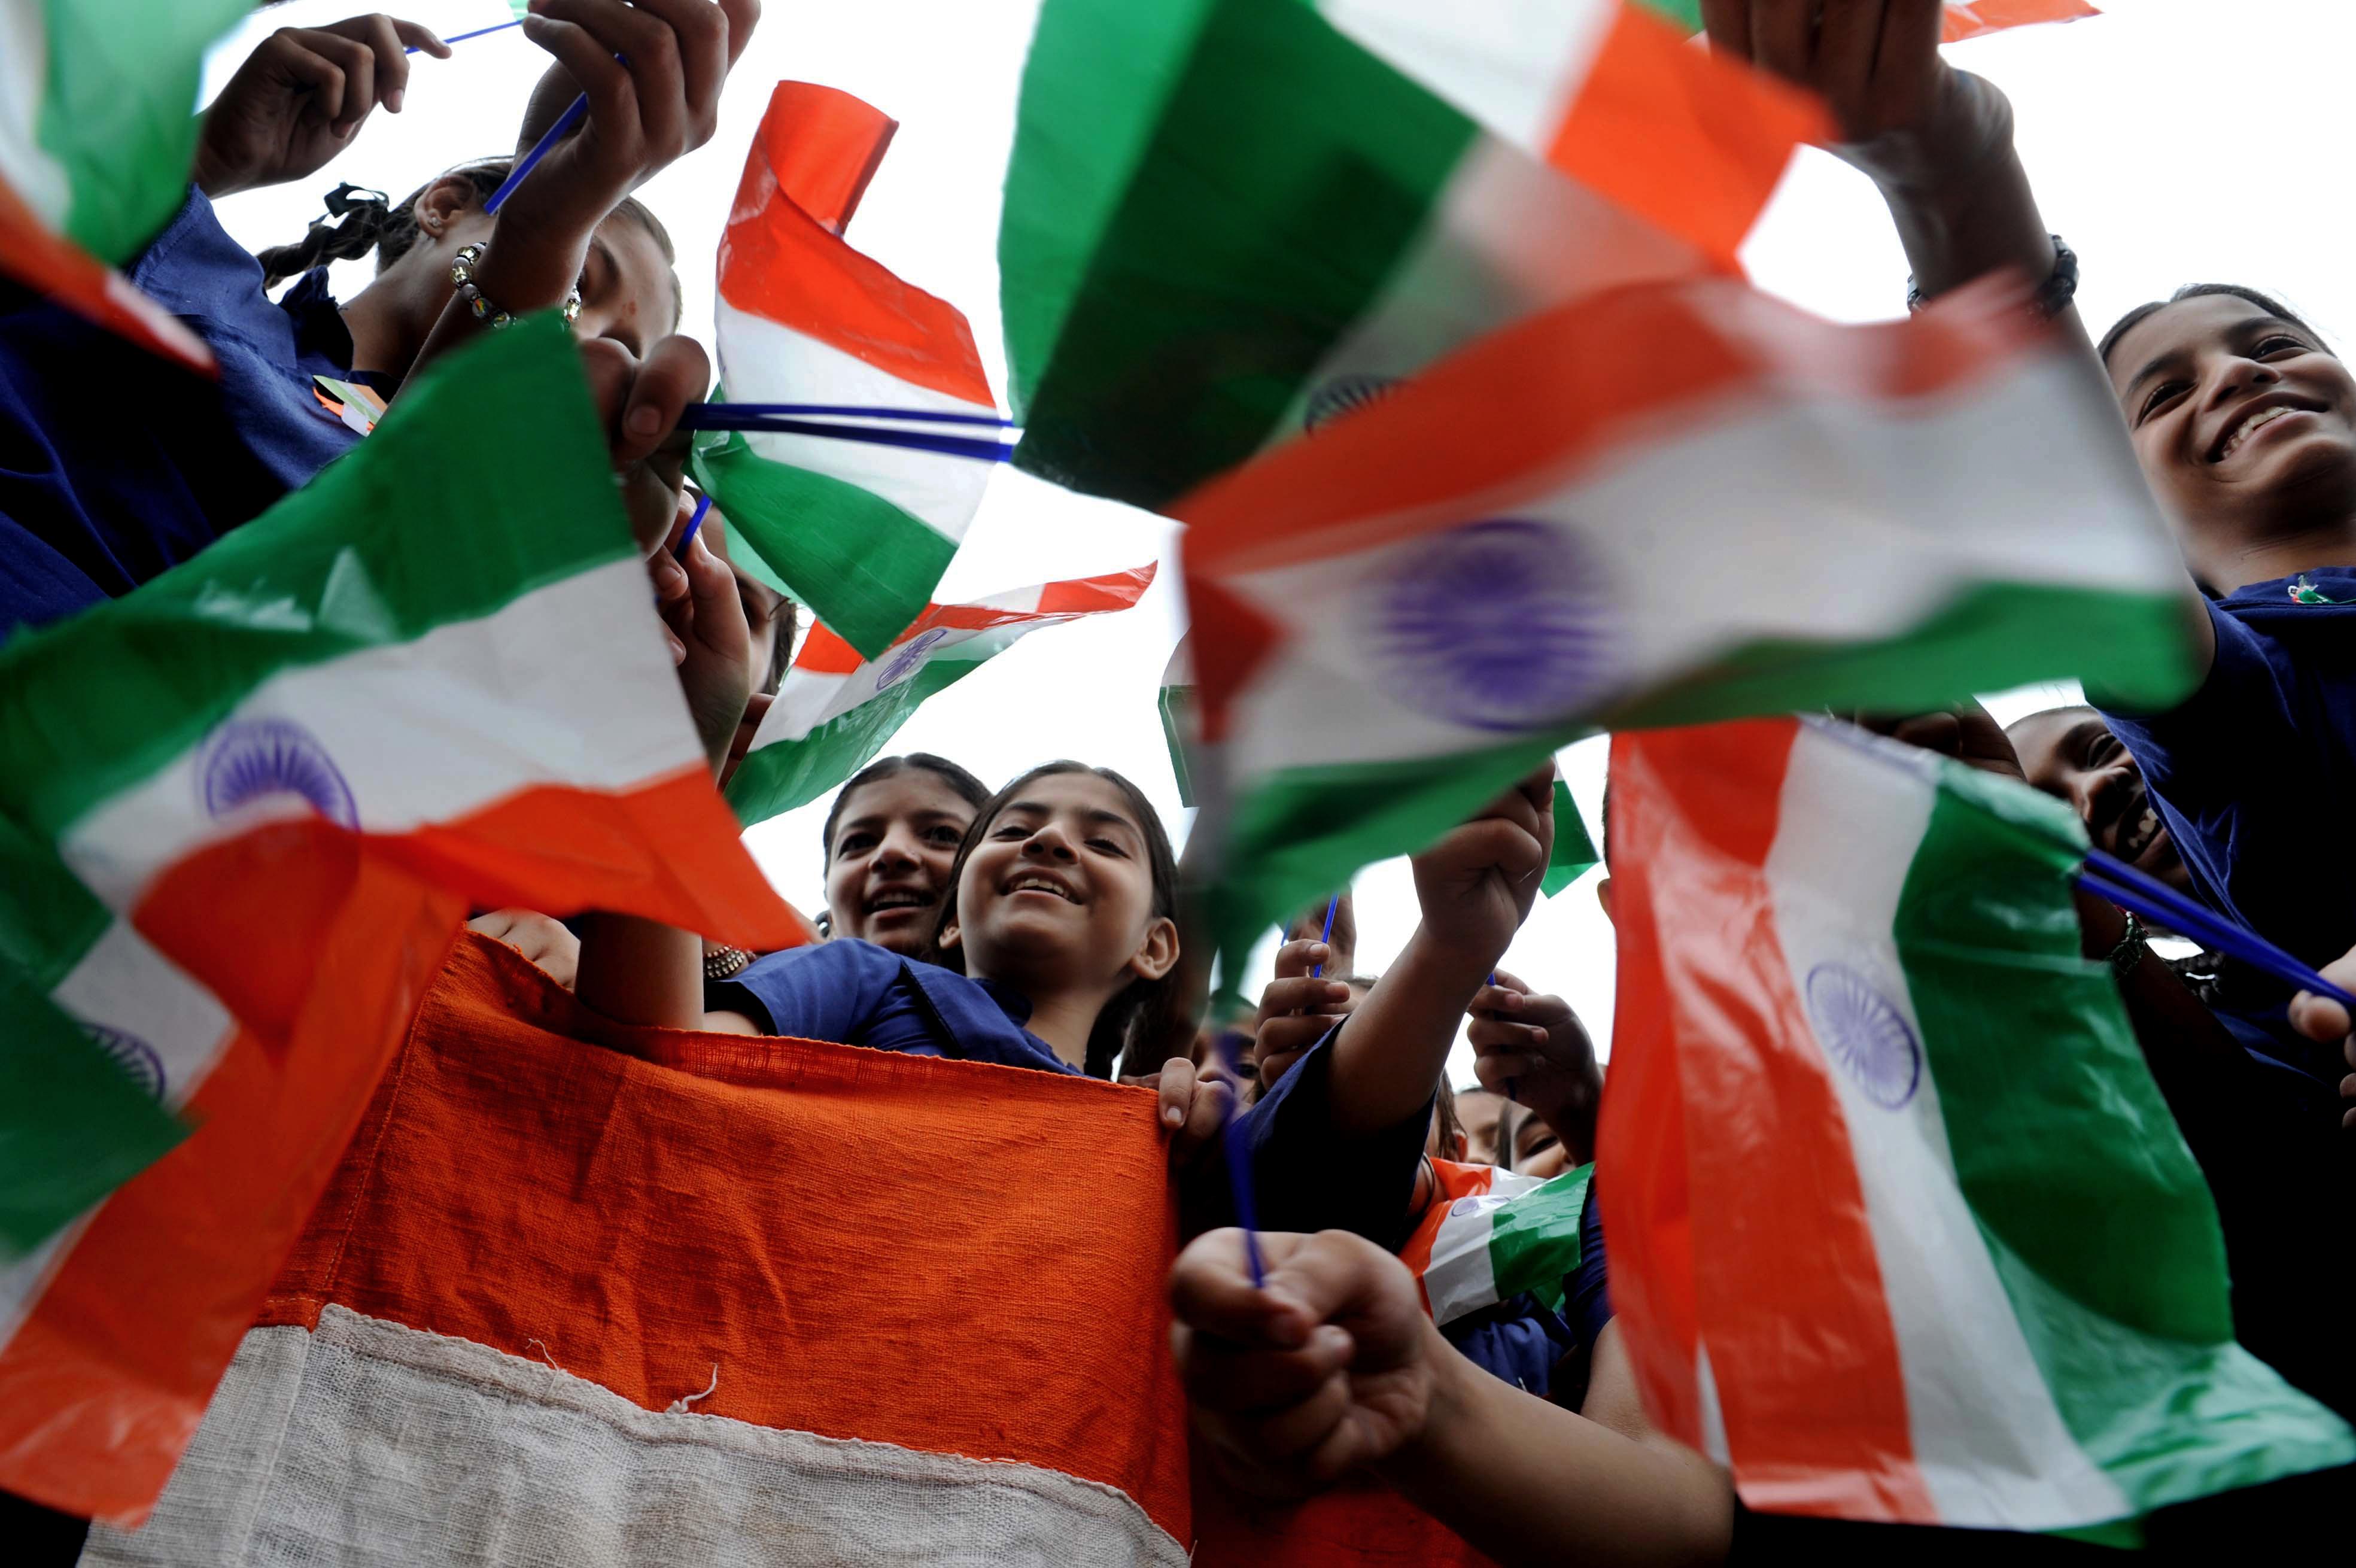 La India del siglo XXI